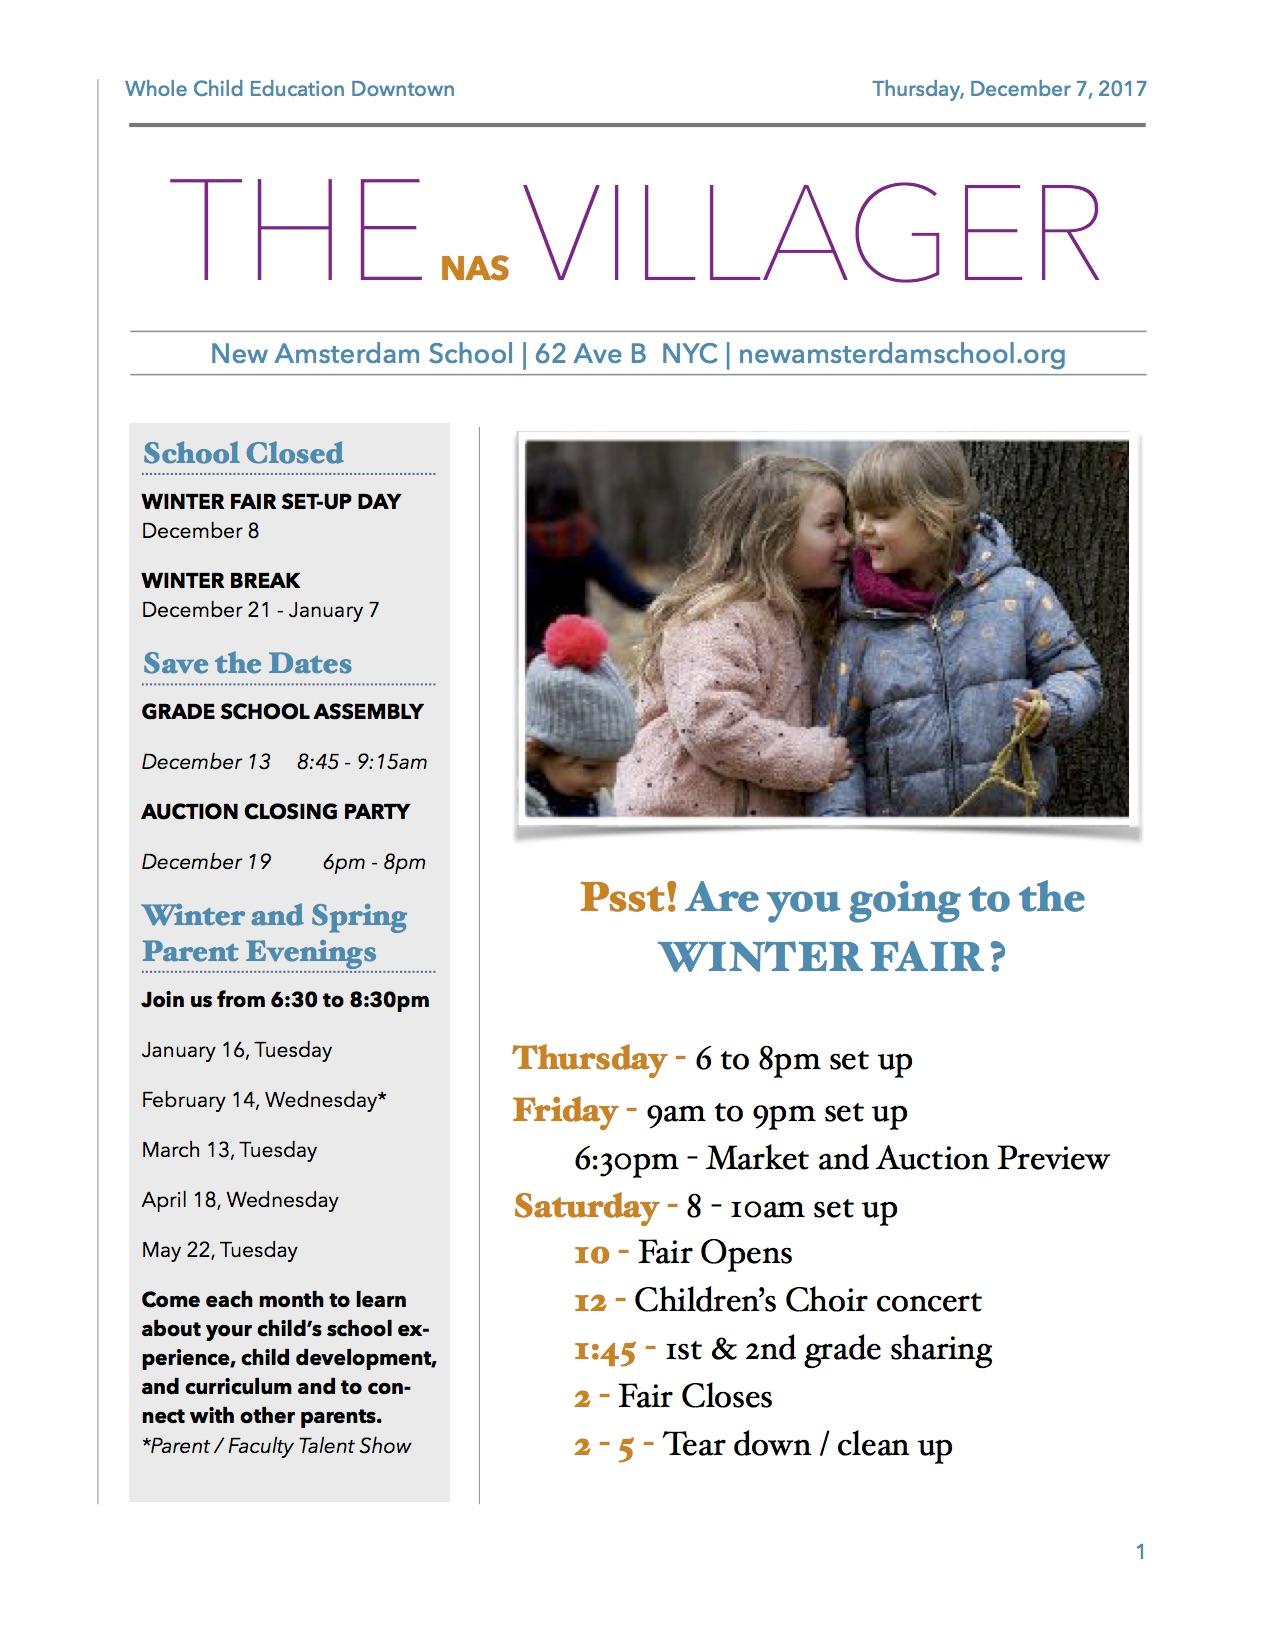 villager-12_7_17-1.jpg